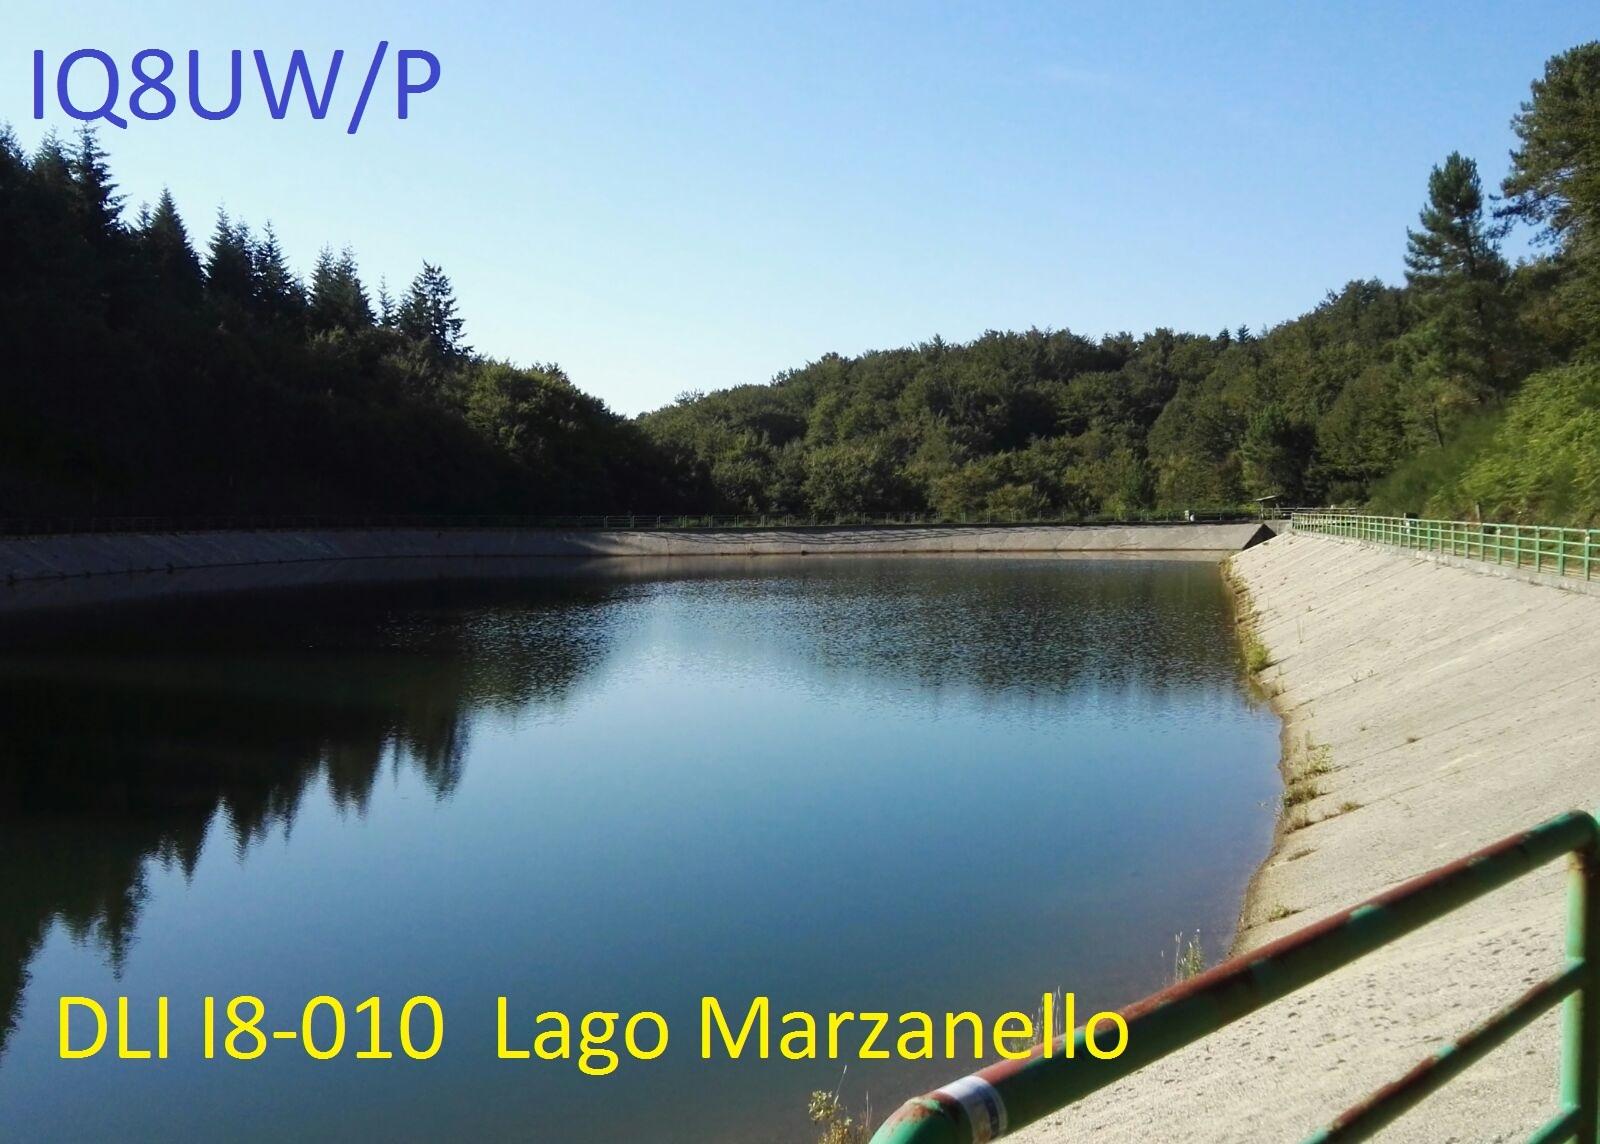 qsl Marzanello2